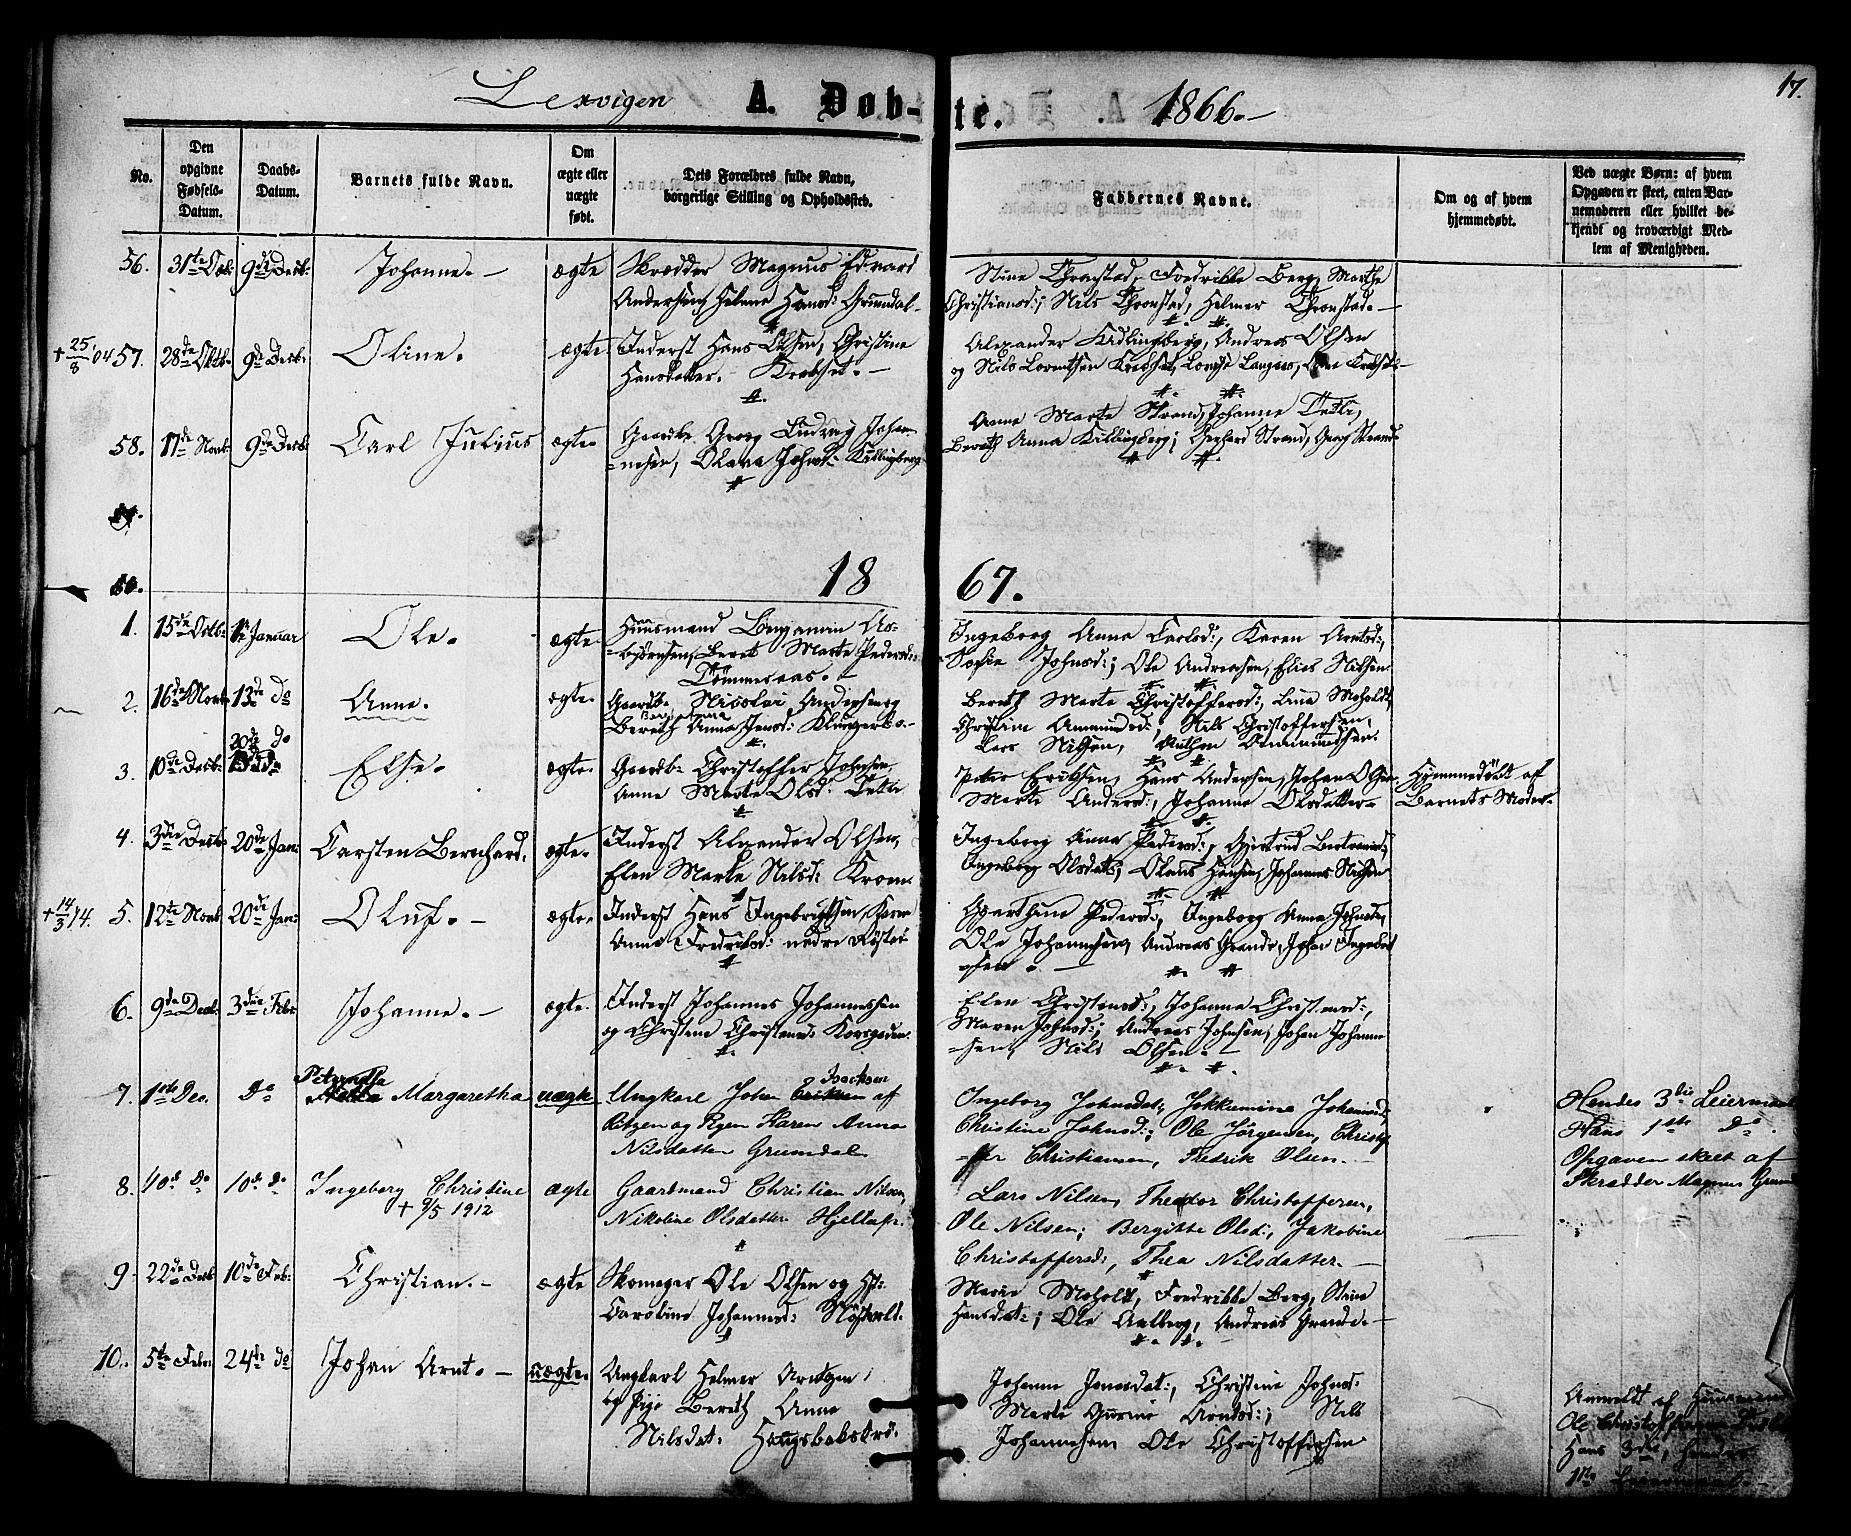 SAT, Ministerialprotokoller, klokkerbøker og fødselsregistre - Nord-Trøndelag, 701/L0009: Ministerialbok nr. 701A09 /1, 1864-1882, s. 17